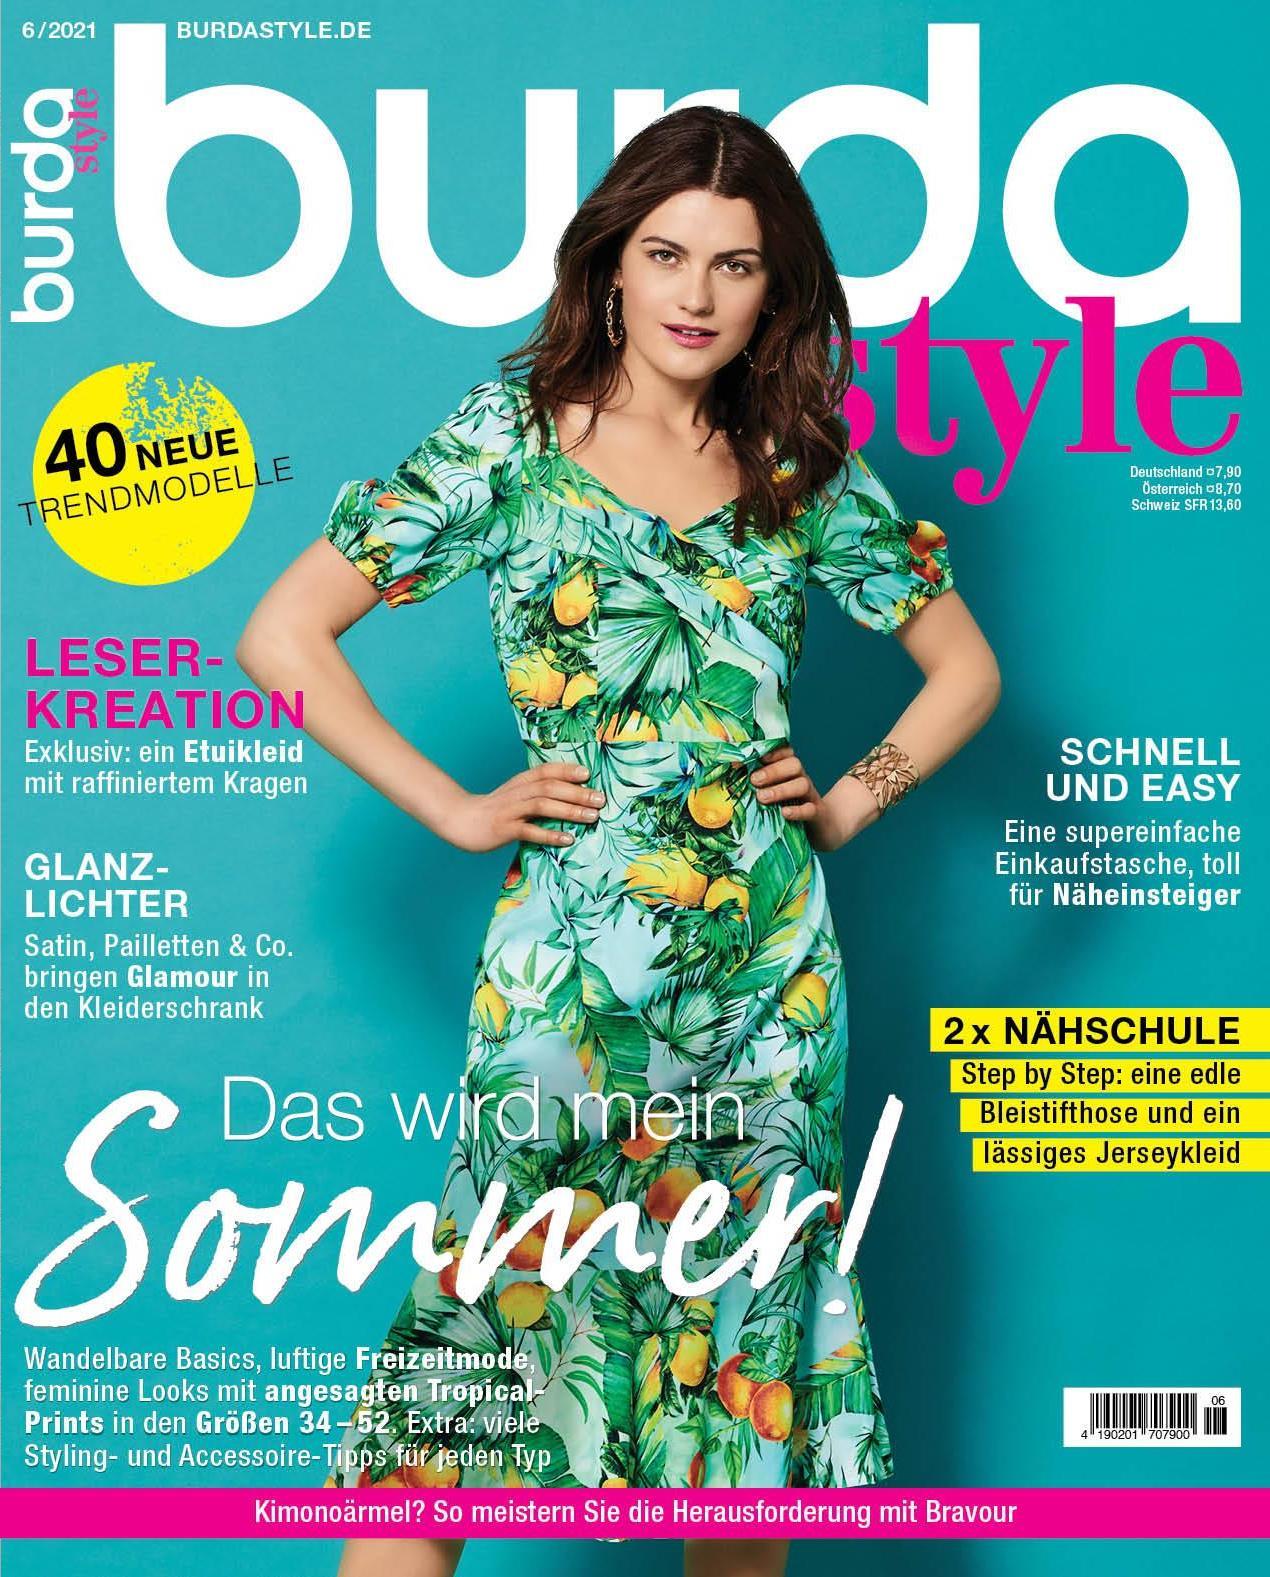 Cover_BURDA_06